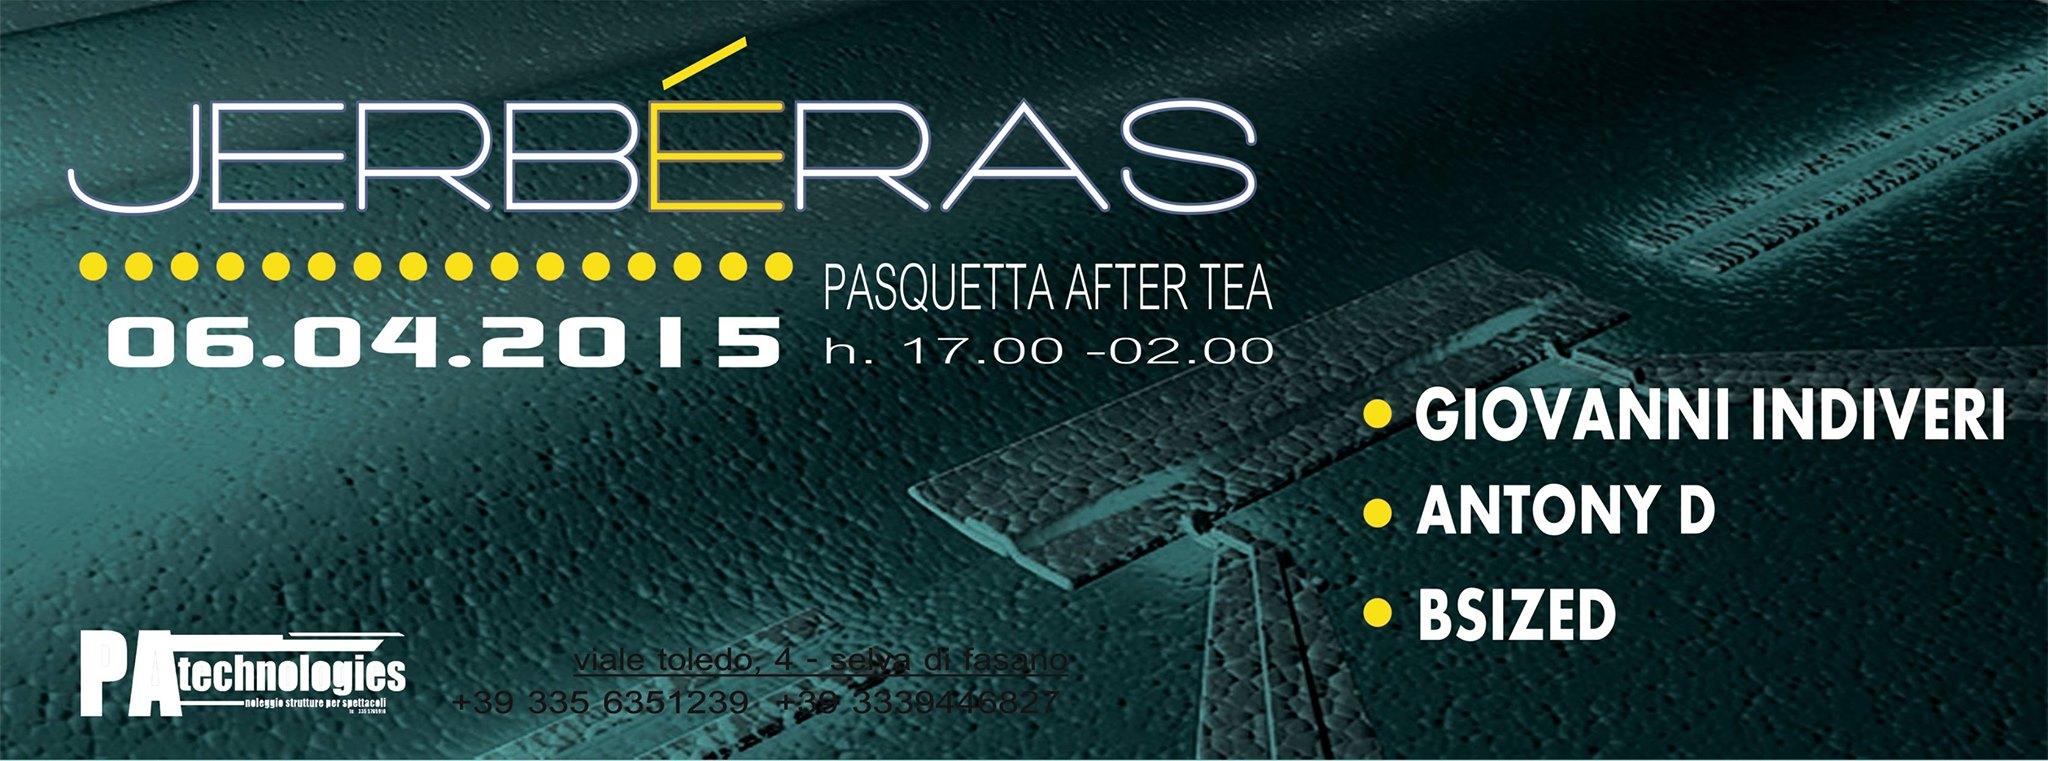 06-04 Pasquetta After Tea al Jerbéras Club